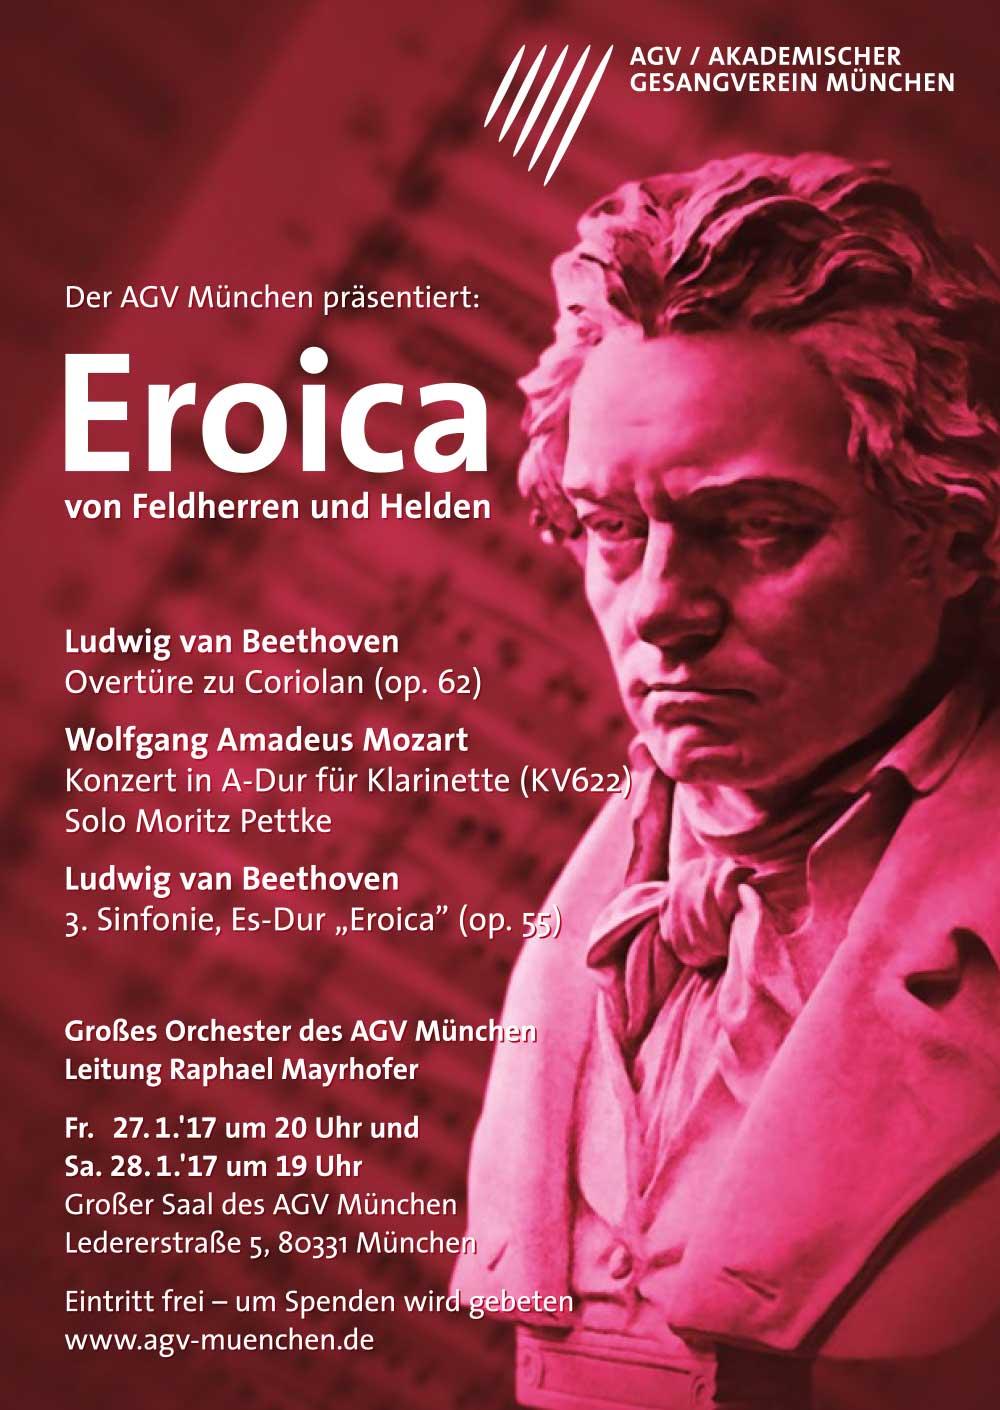 Plakatdesign für Akademischer Gesangsverein München Eroica Poster